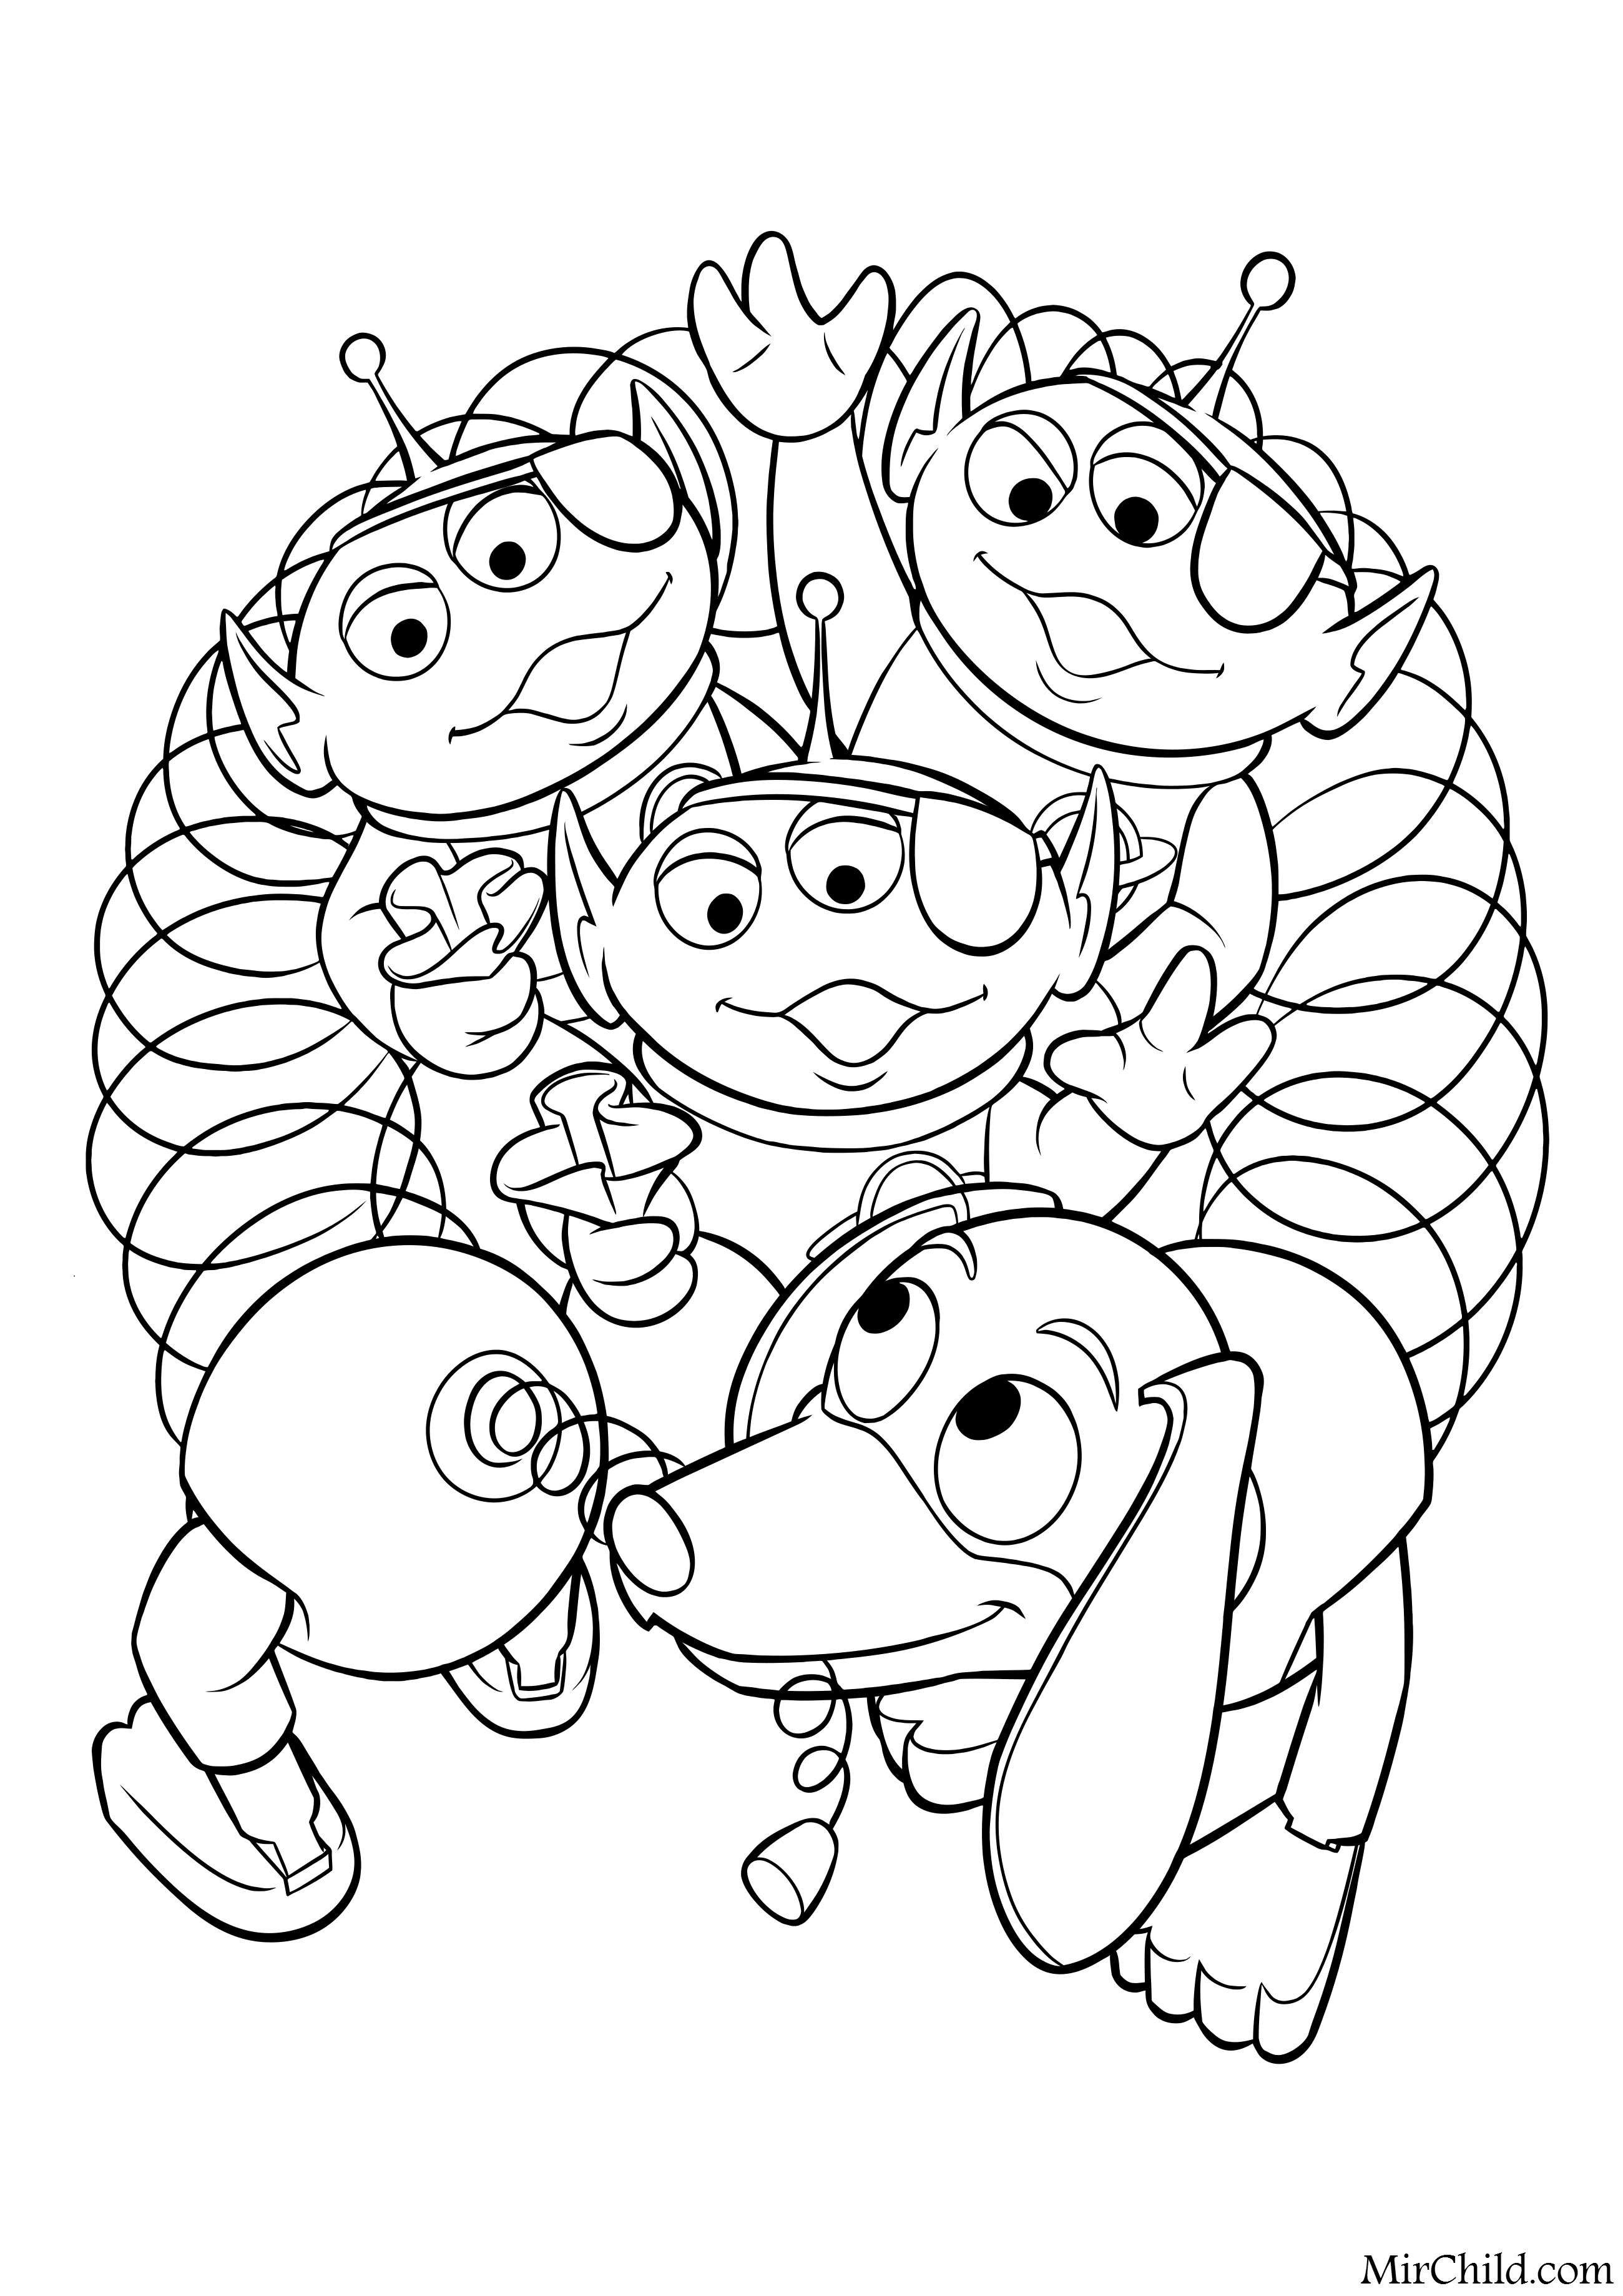 Раскраска - История игрушек - Инопланетяне и Спиралька ...